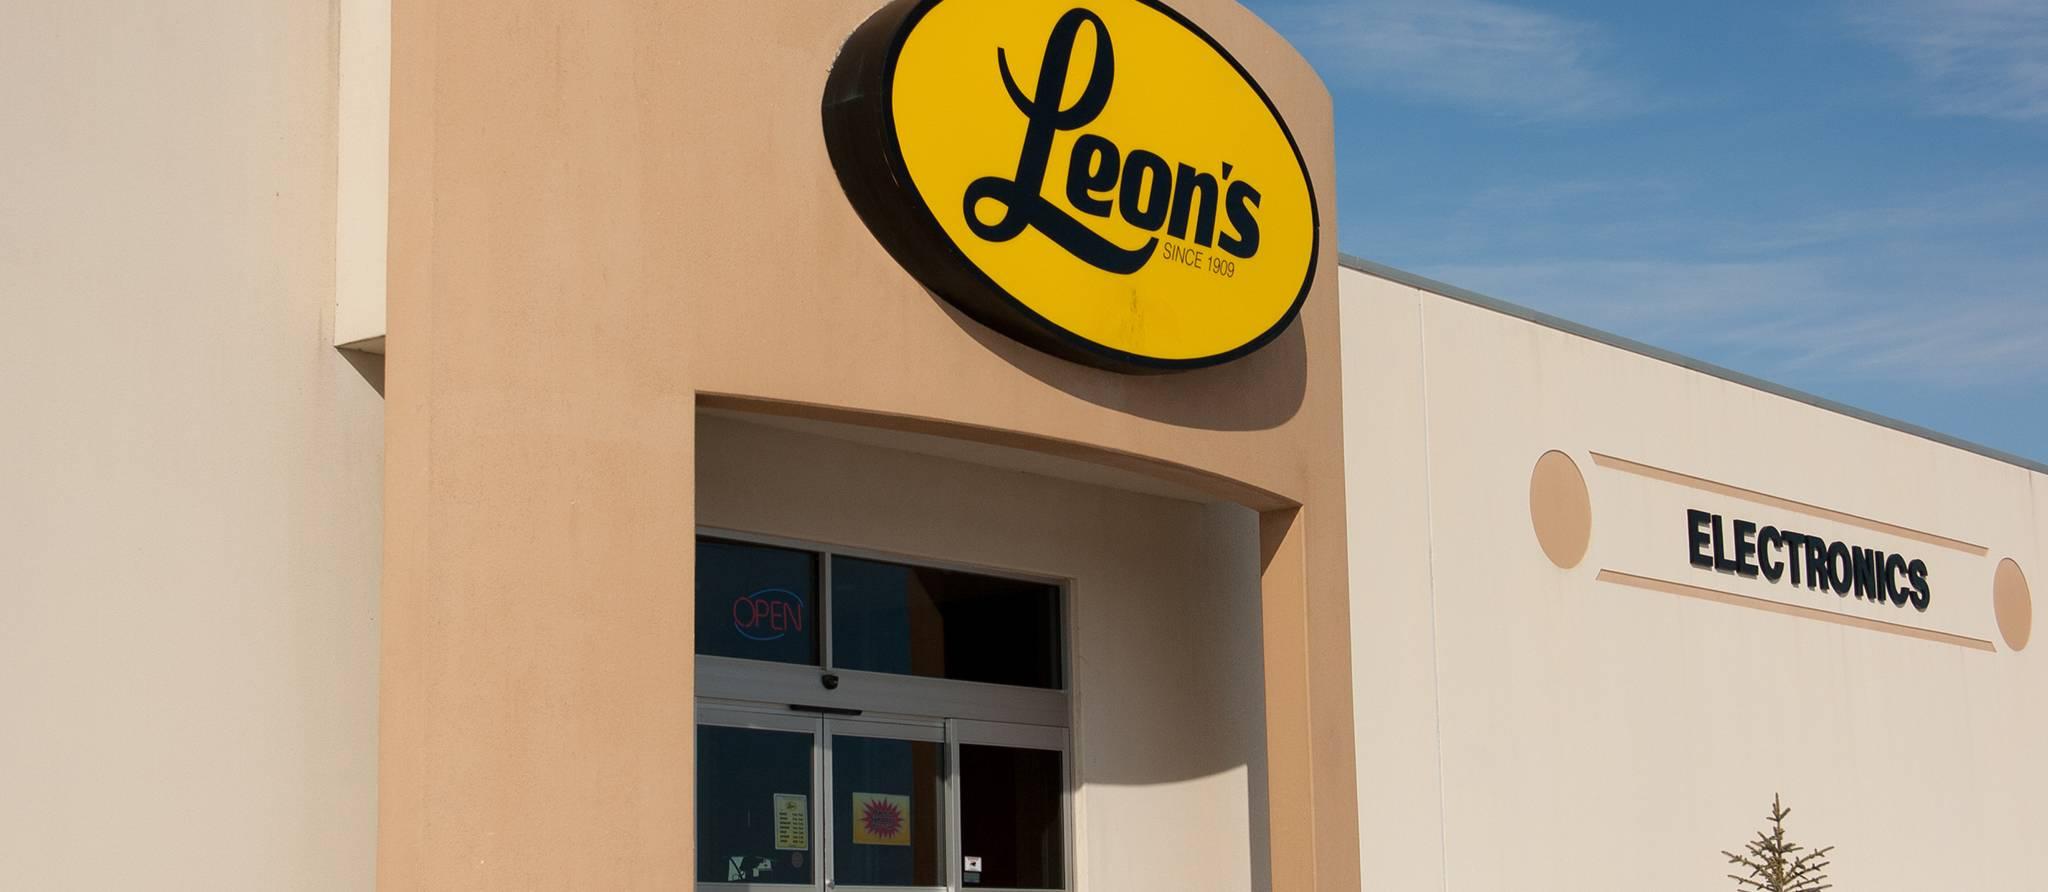 Leon Coupable D Avoir Trompe Ses Clients Avec Ses Slogans Achetez Maintenant Payez Plus Tard Protegez Vous Ca